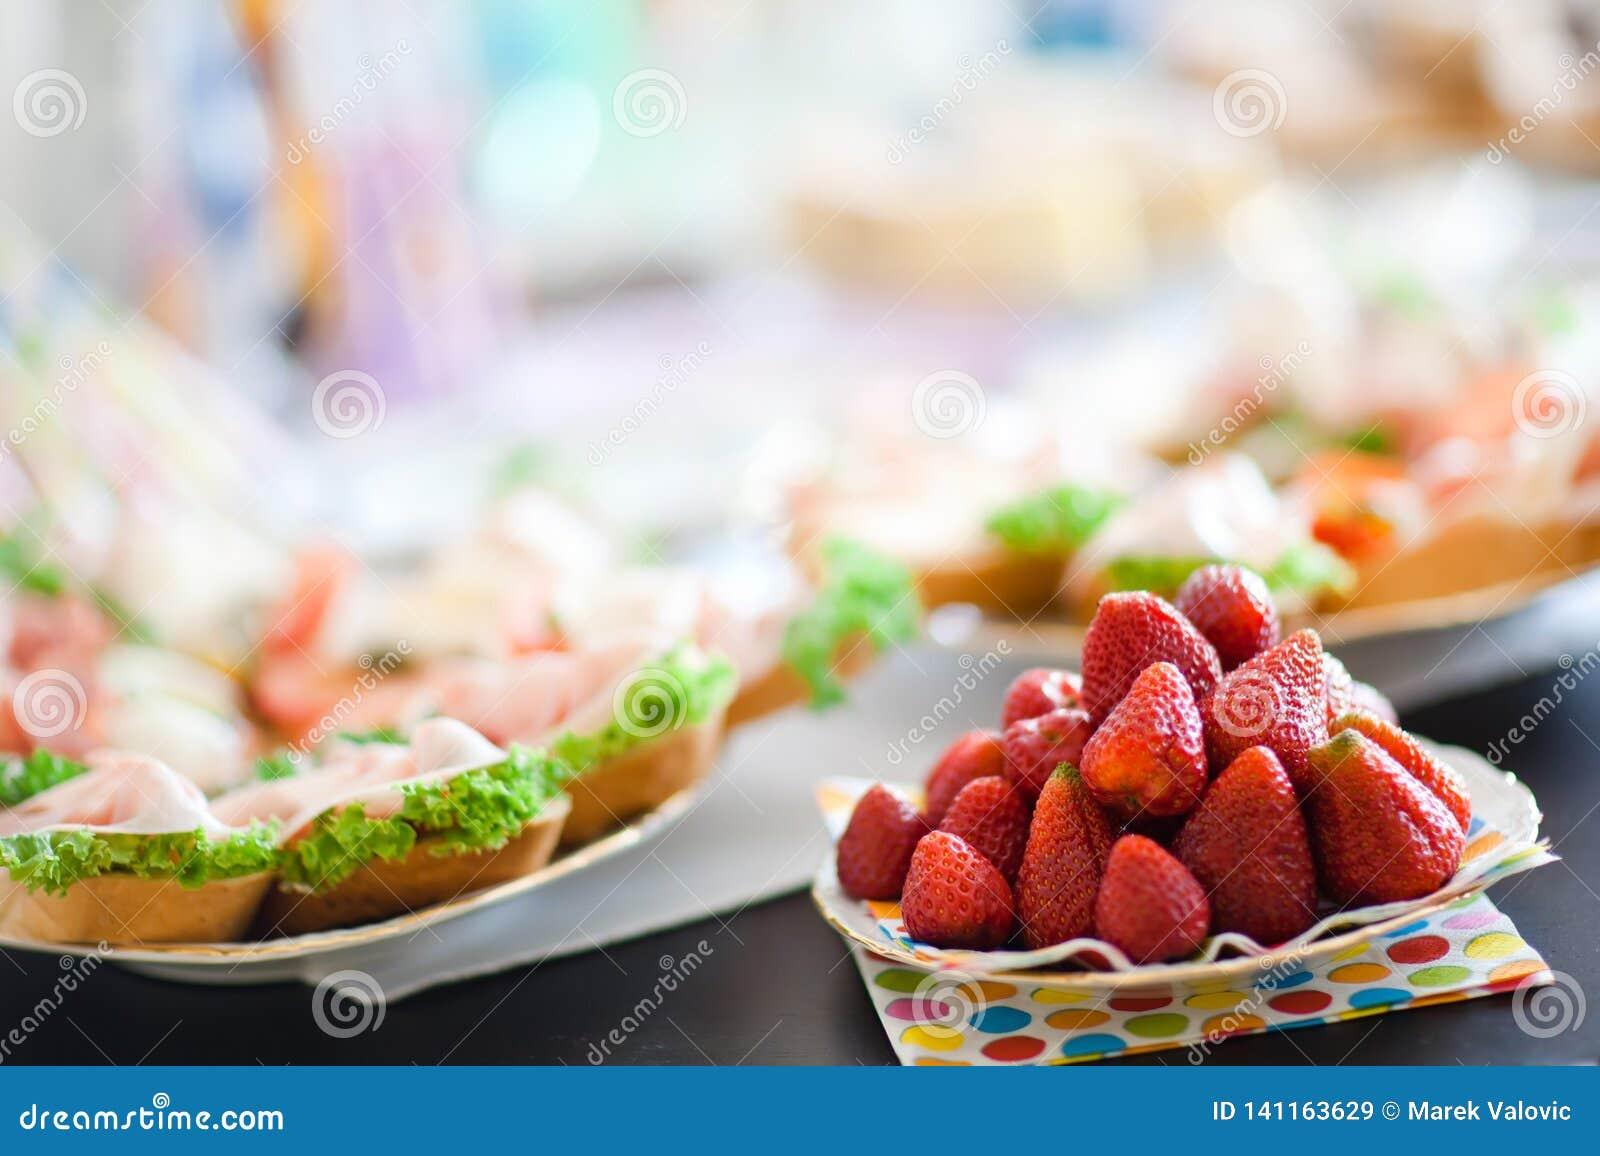 Truskawki na stole przed urodzinowym świętowaniem - lato